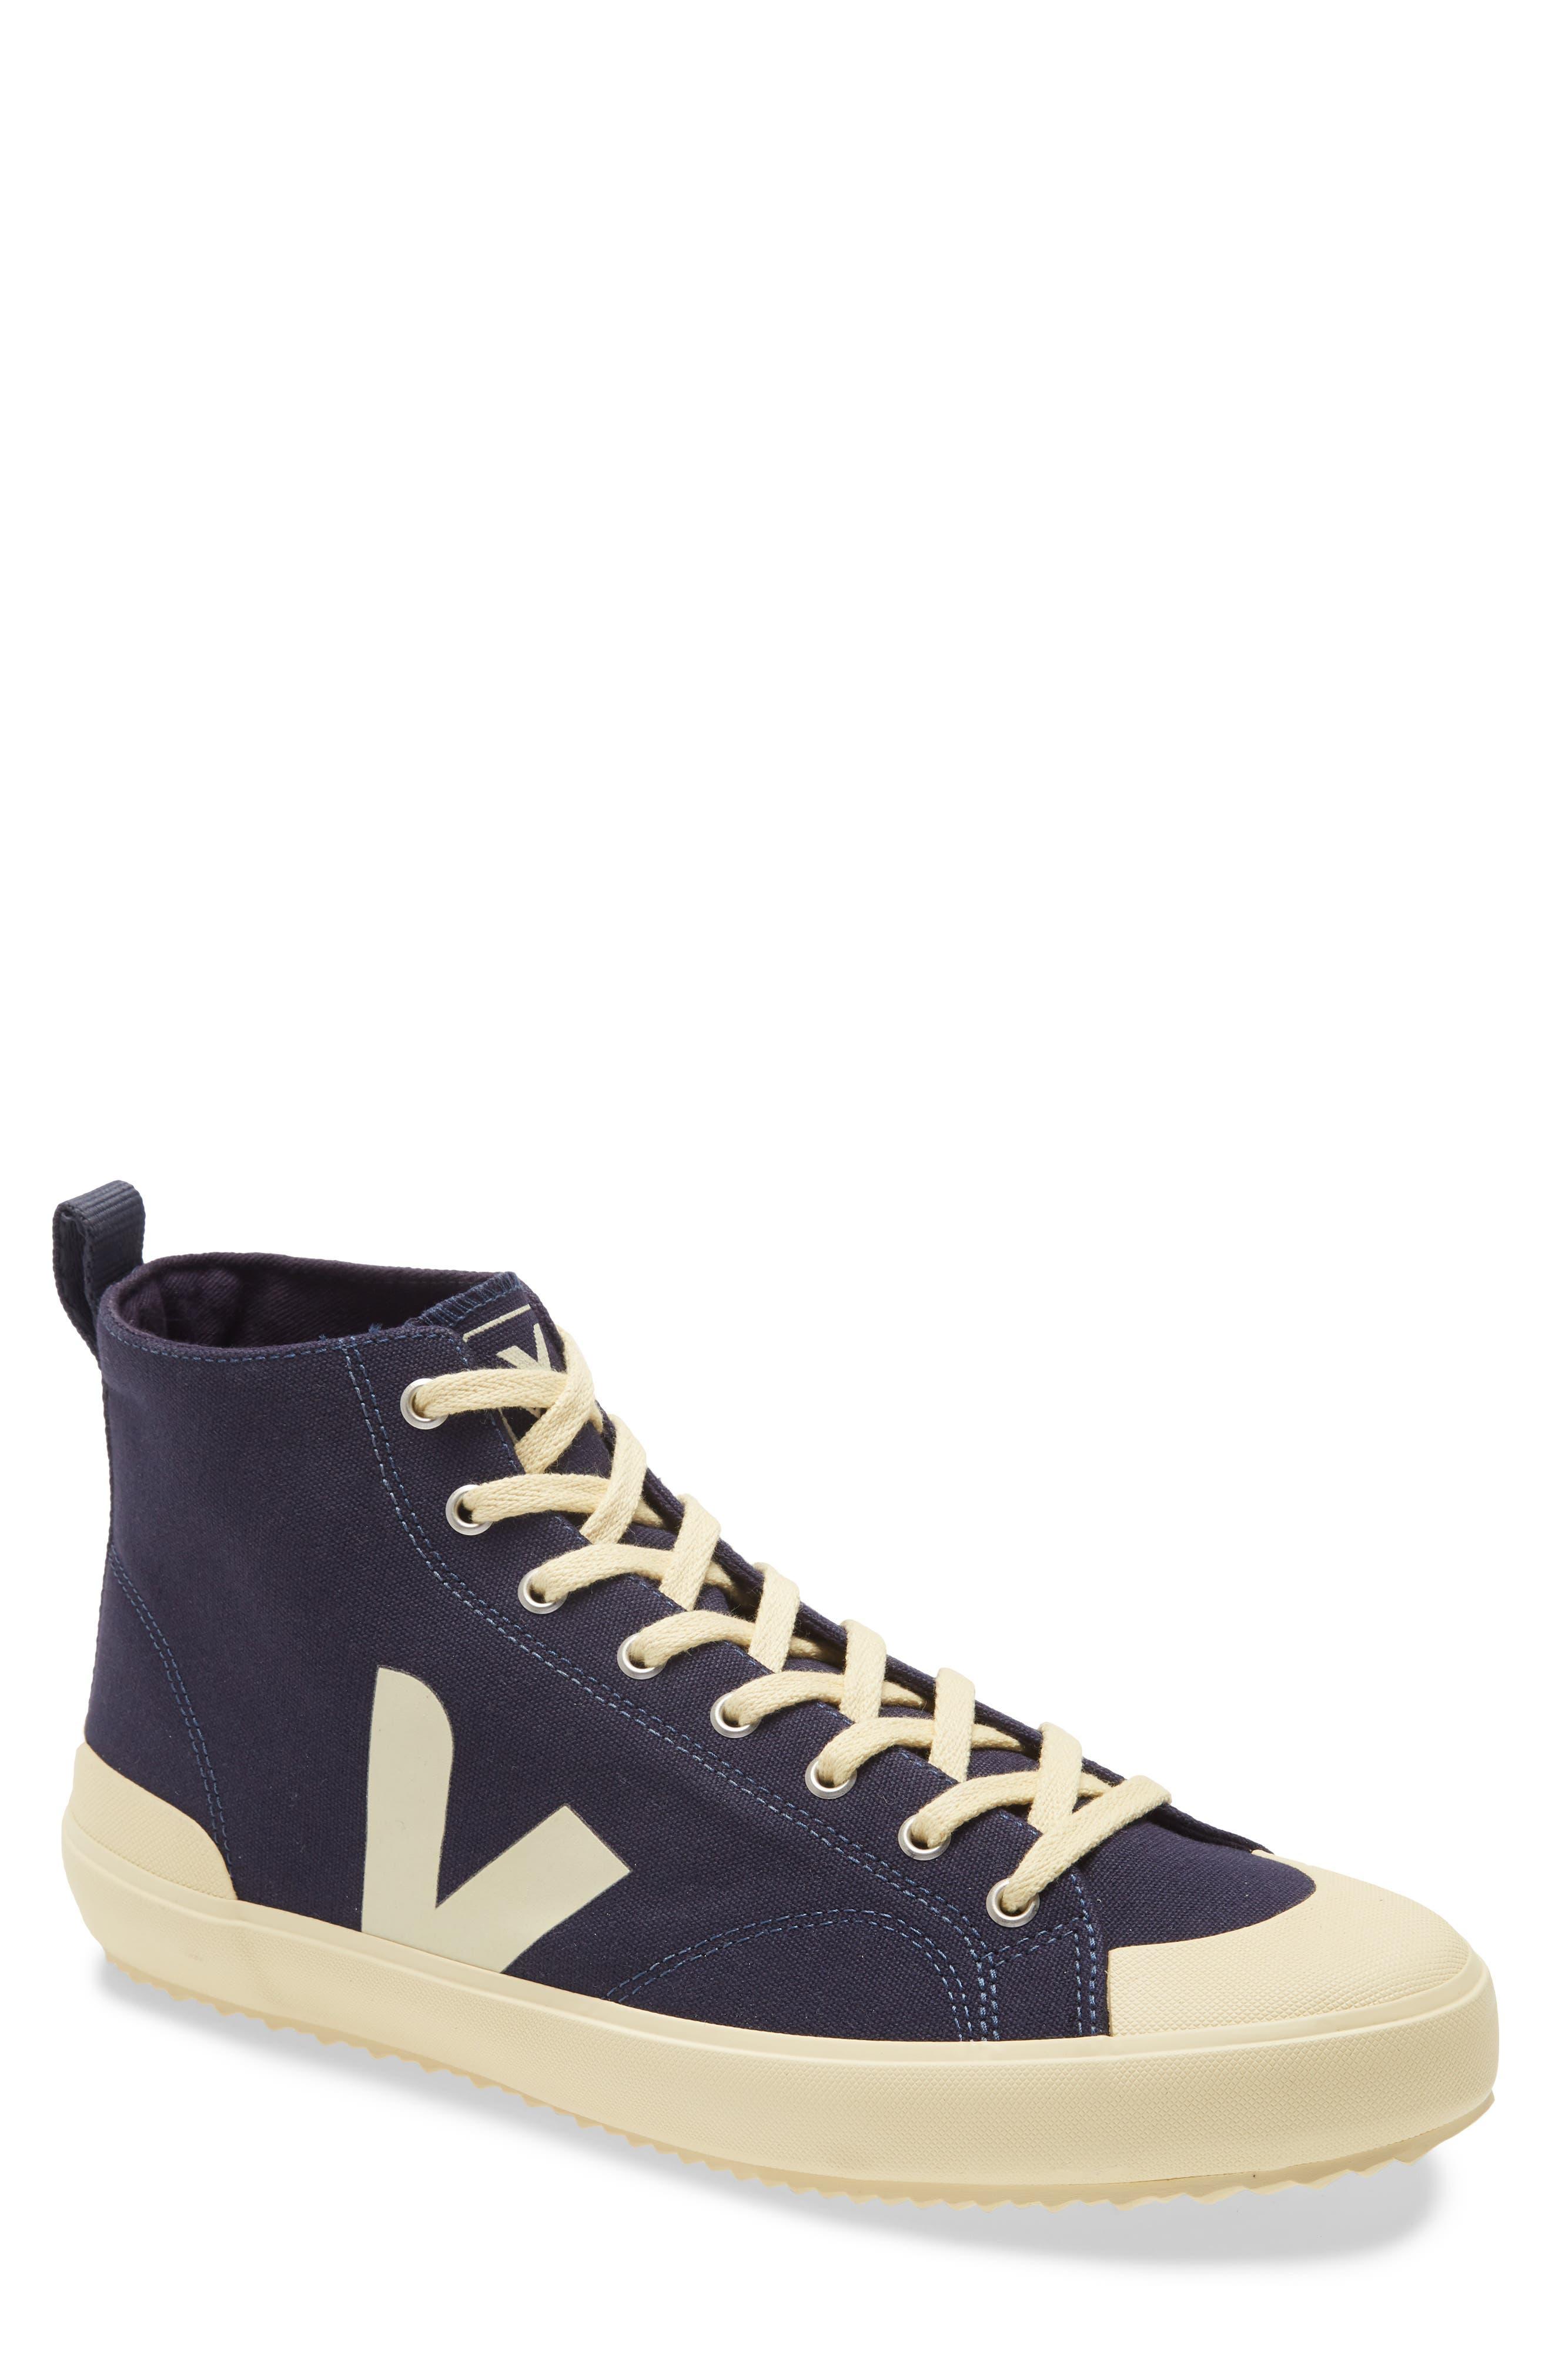 Men's Veja Shoes | Nordstrom